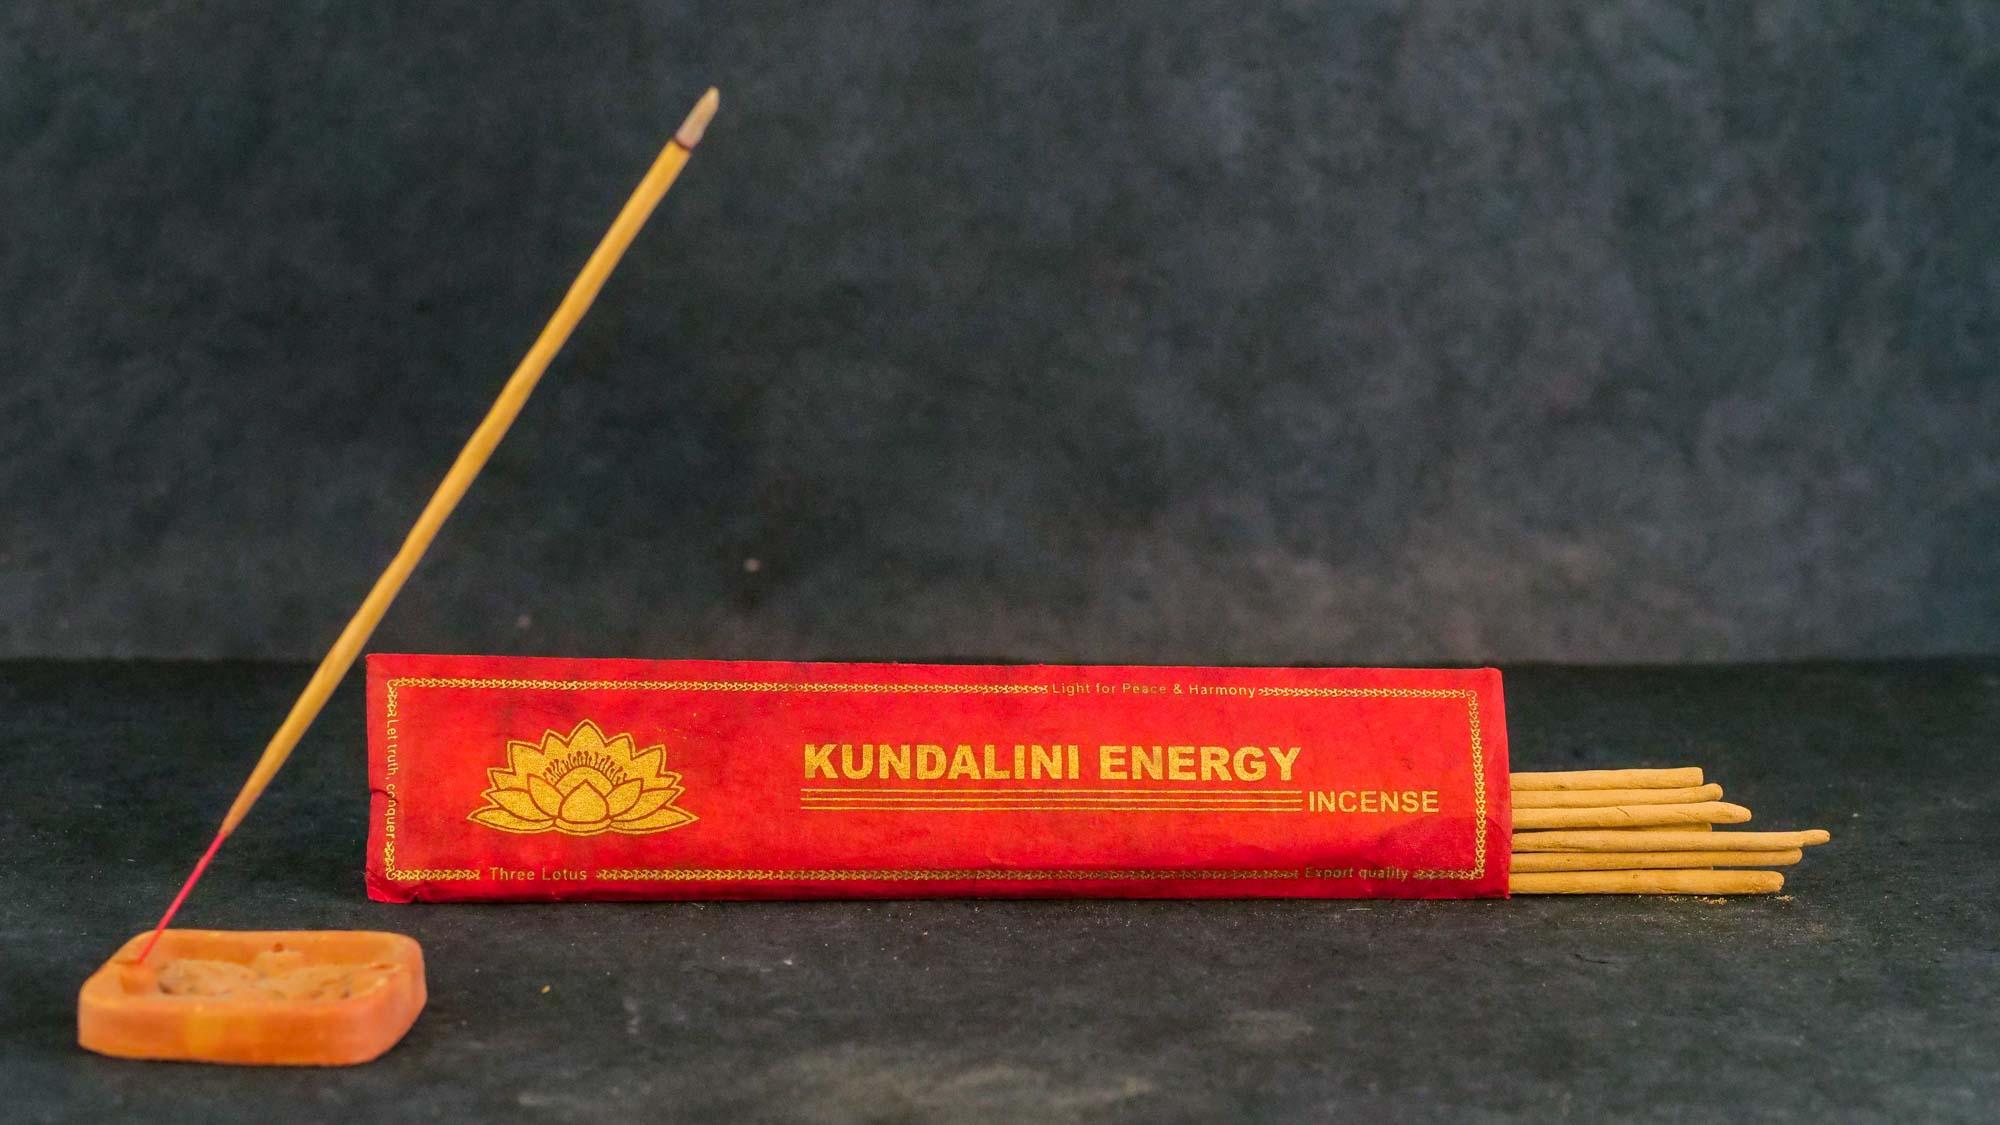 Räucherstäbchen 'Kundalini'